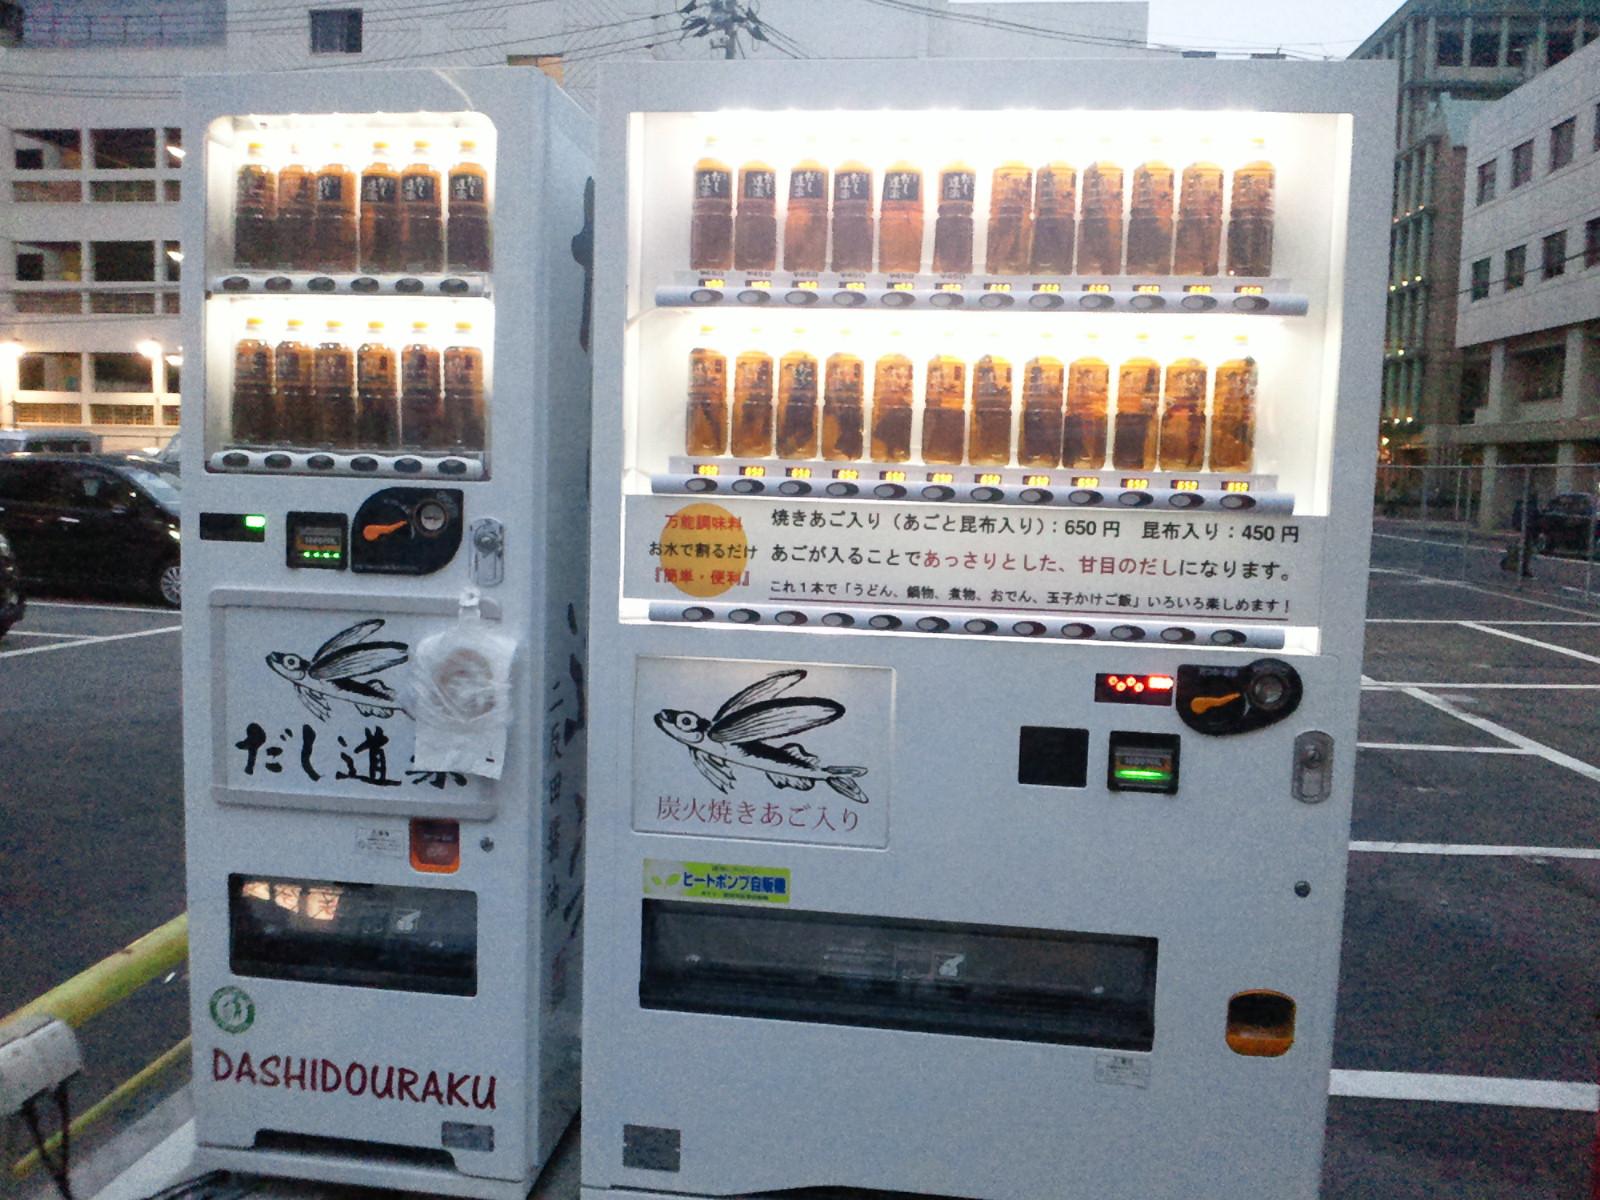 男気伝説 黒田博樹を、広島を誇りに思う